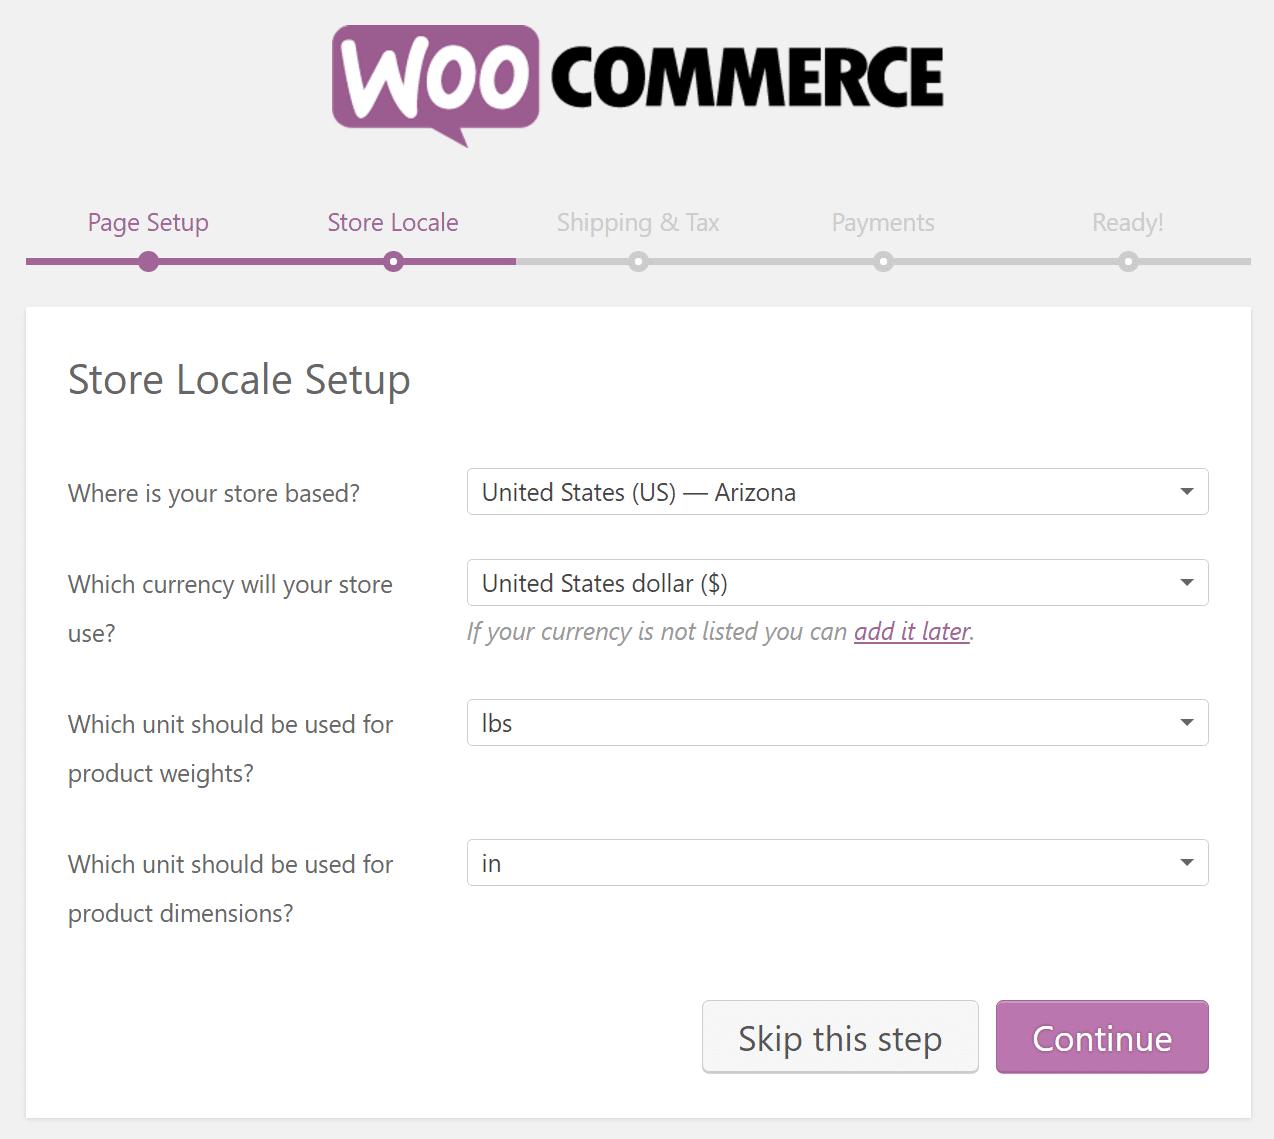 Configuración de tienda local - WooCommerce